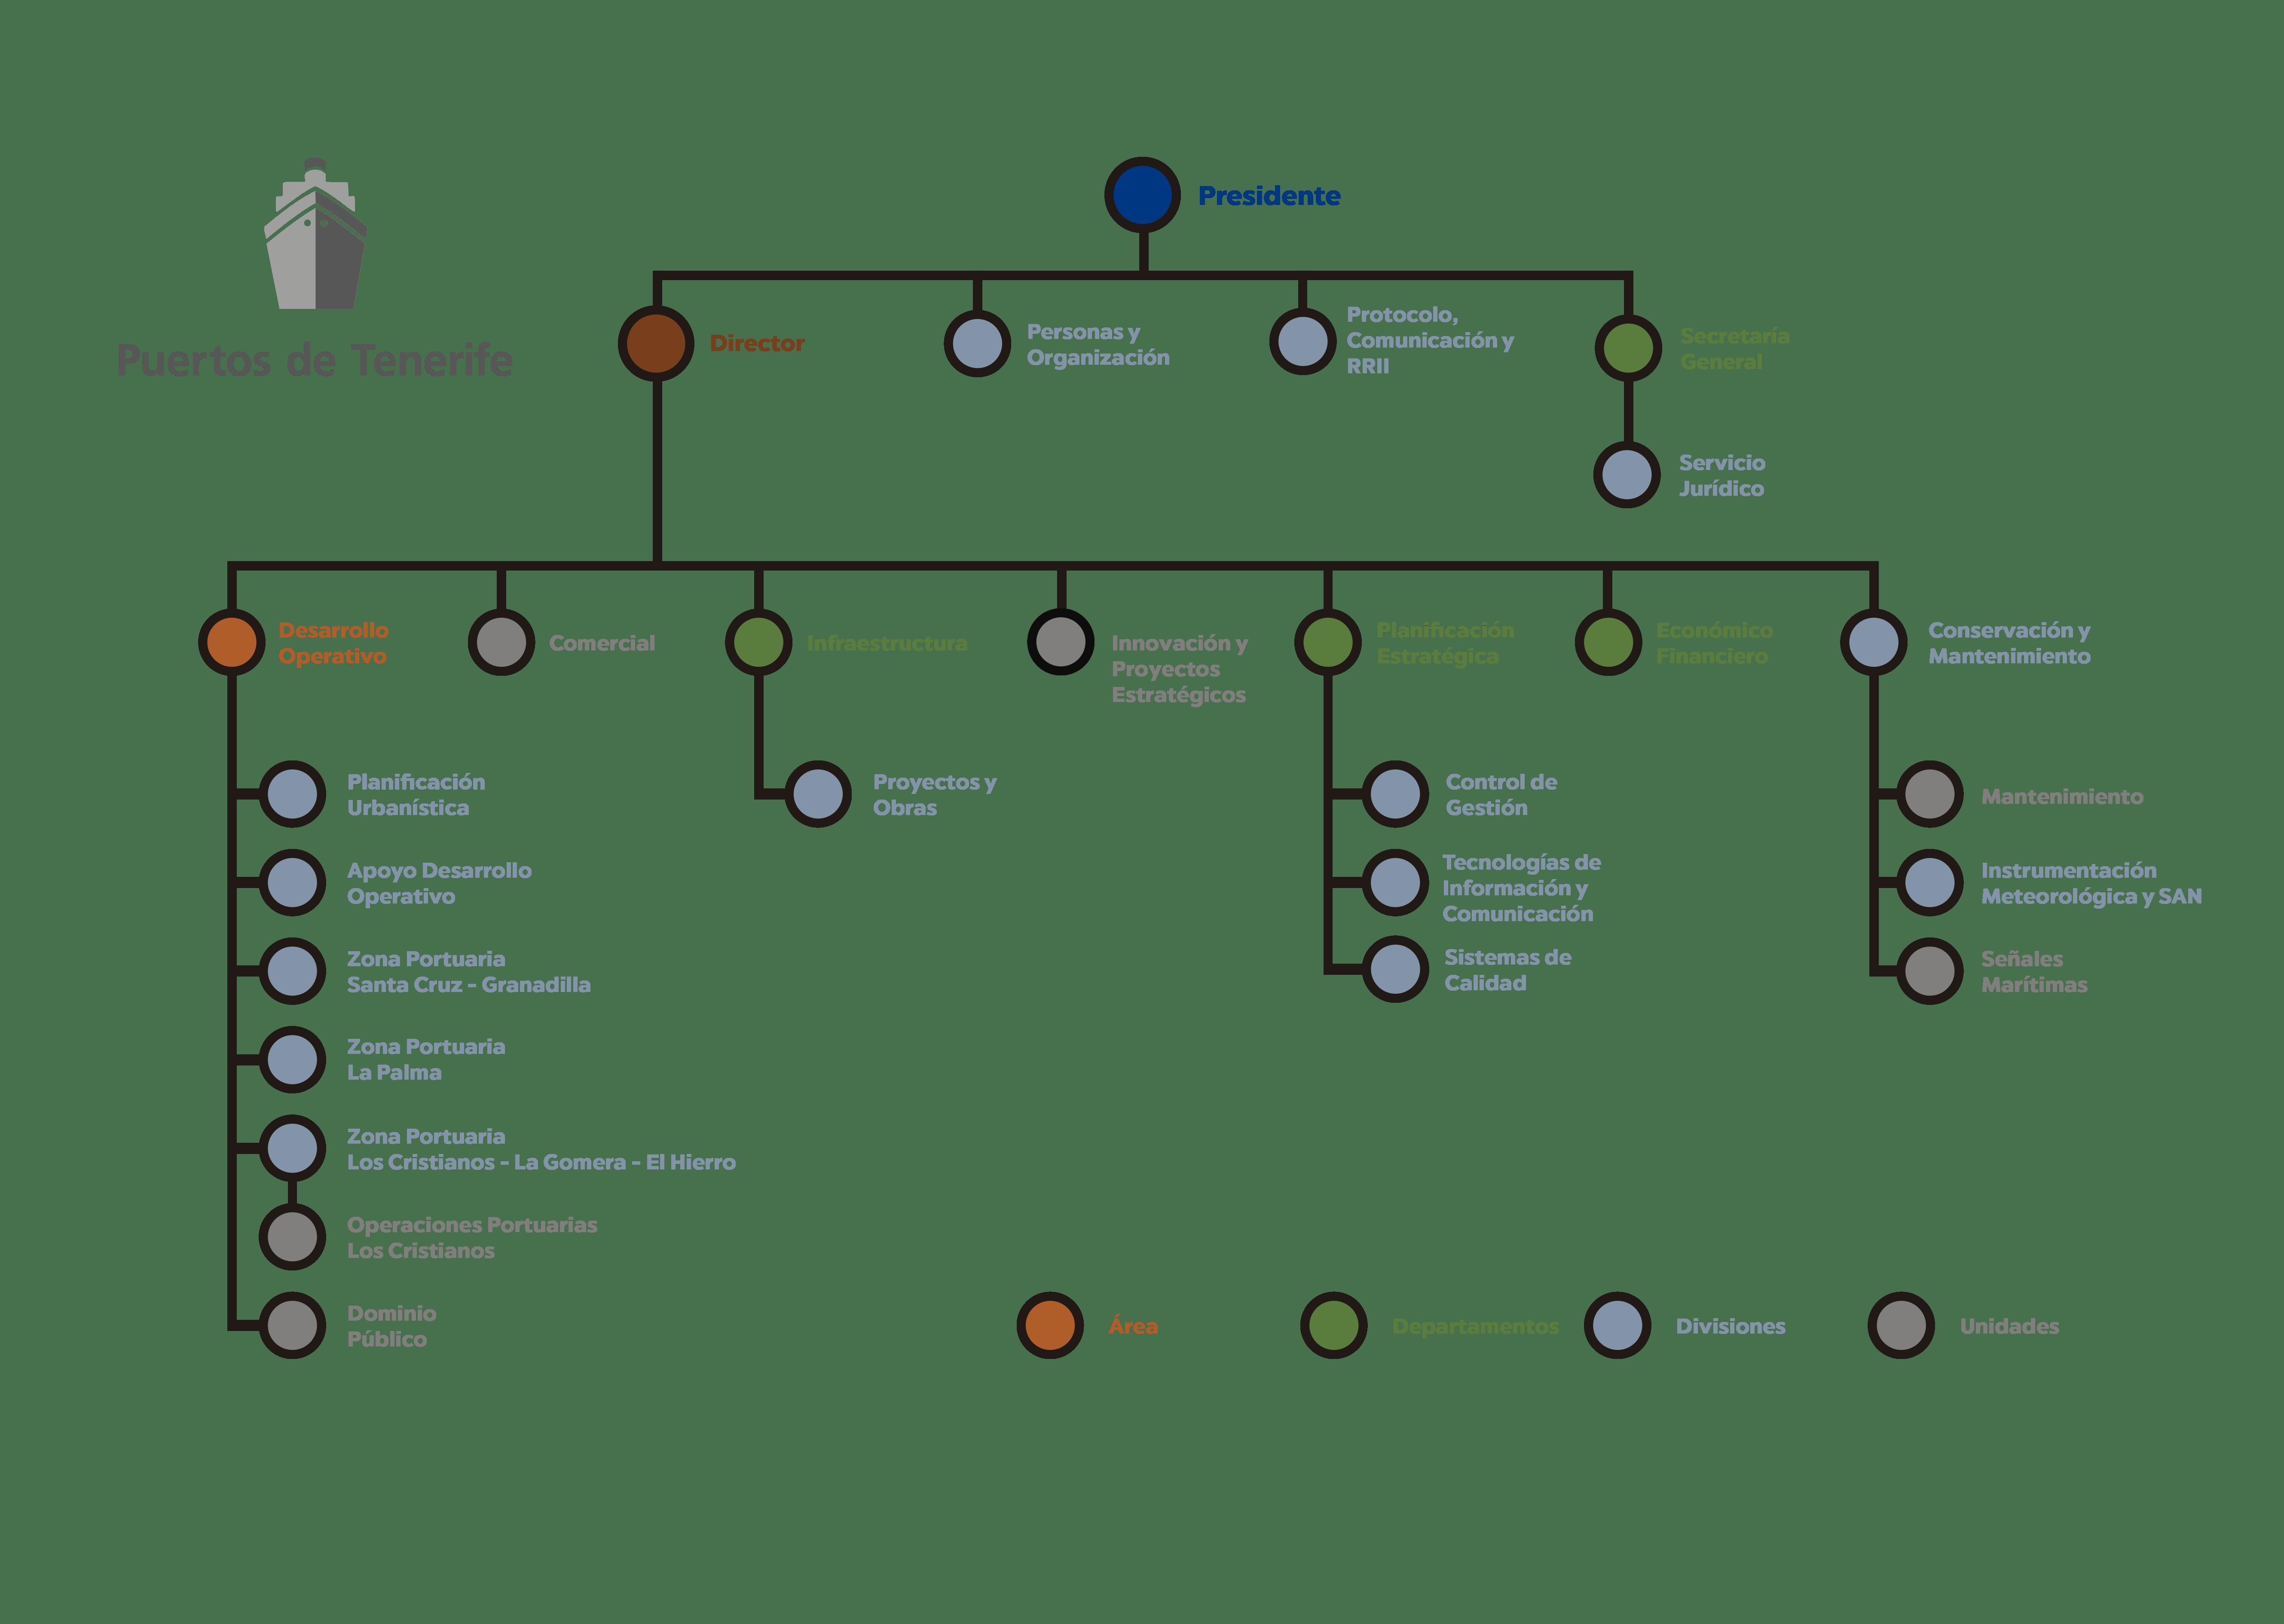 Organigrama-actualizado 20-01-21 version 2